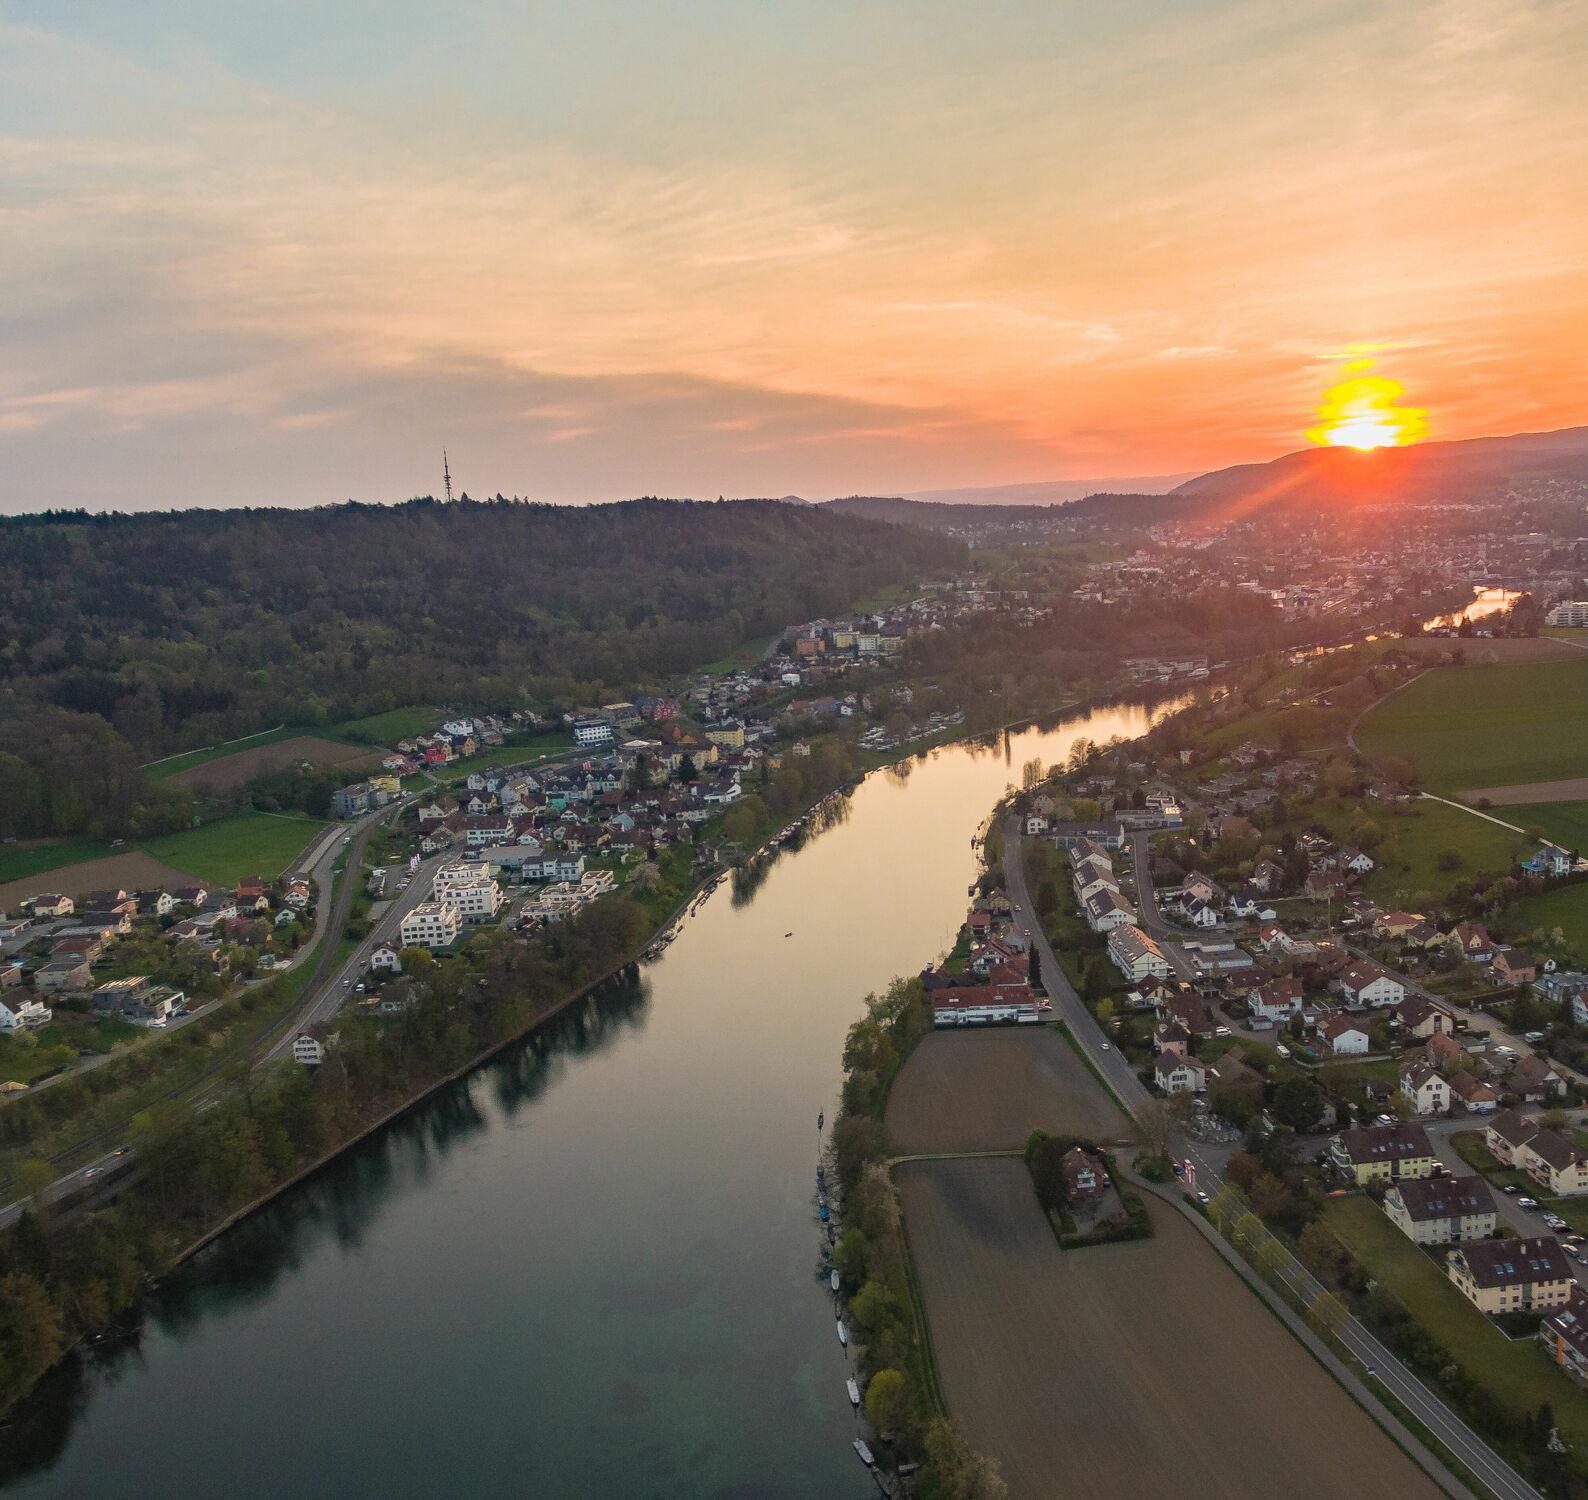 Bild mit Sonnenuntergang, Abendrot, Rhein, Zürich